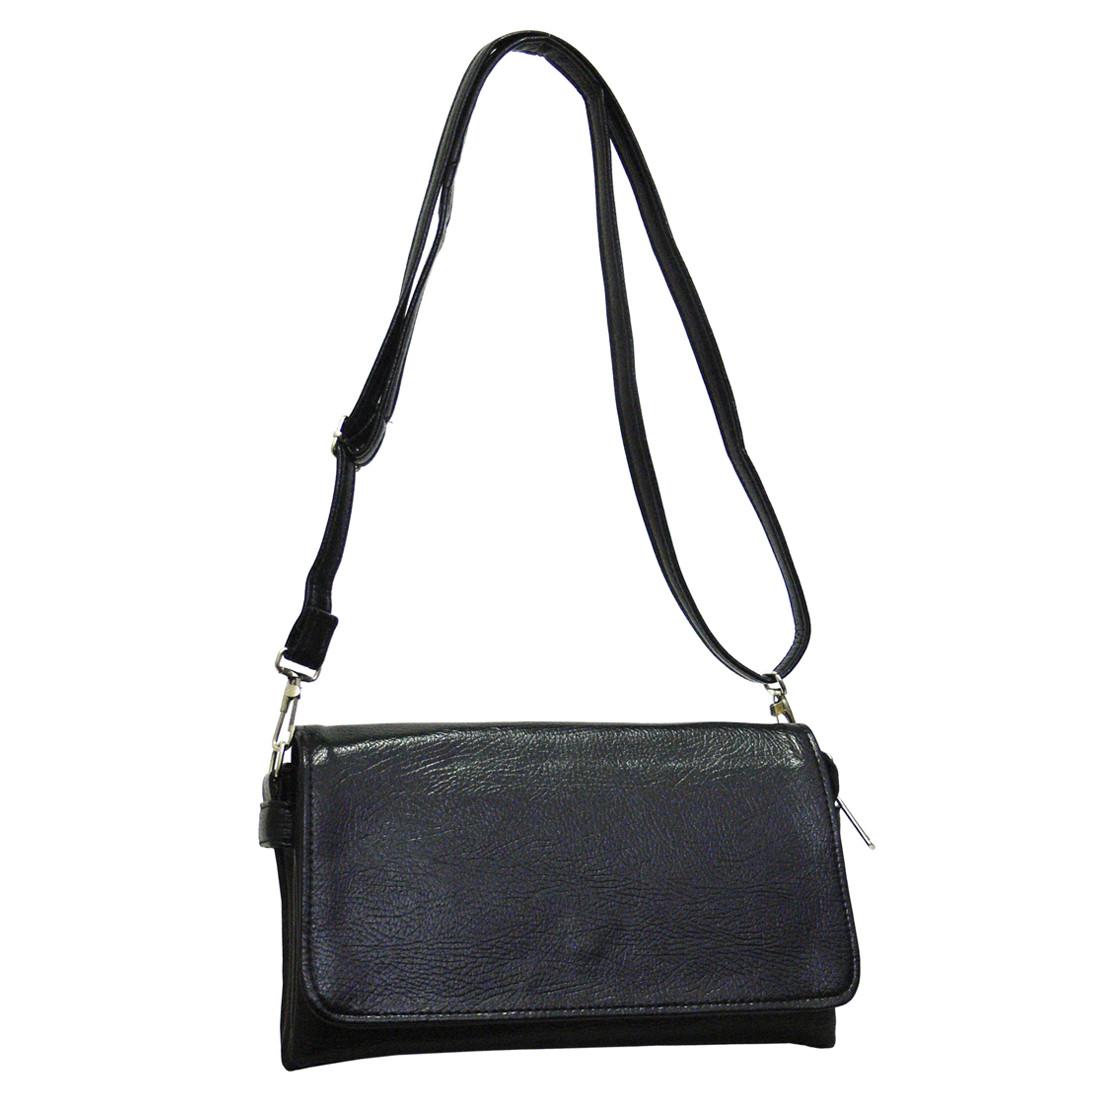 Женская сумка BagHouse клатч 26х15х8  НН60клатч кл